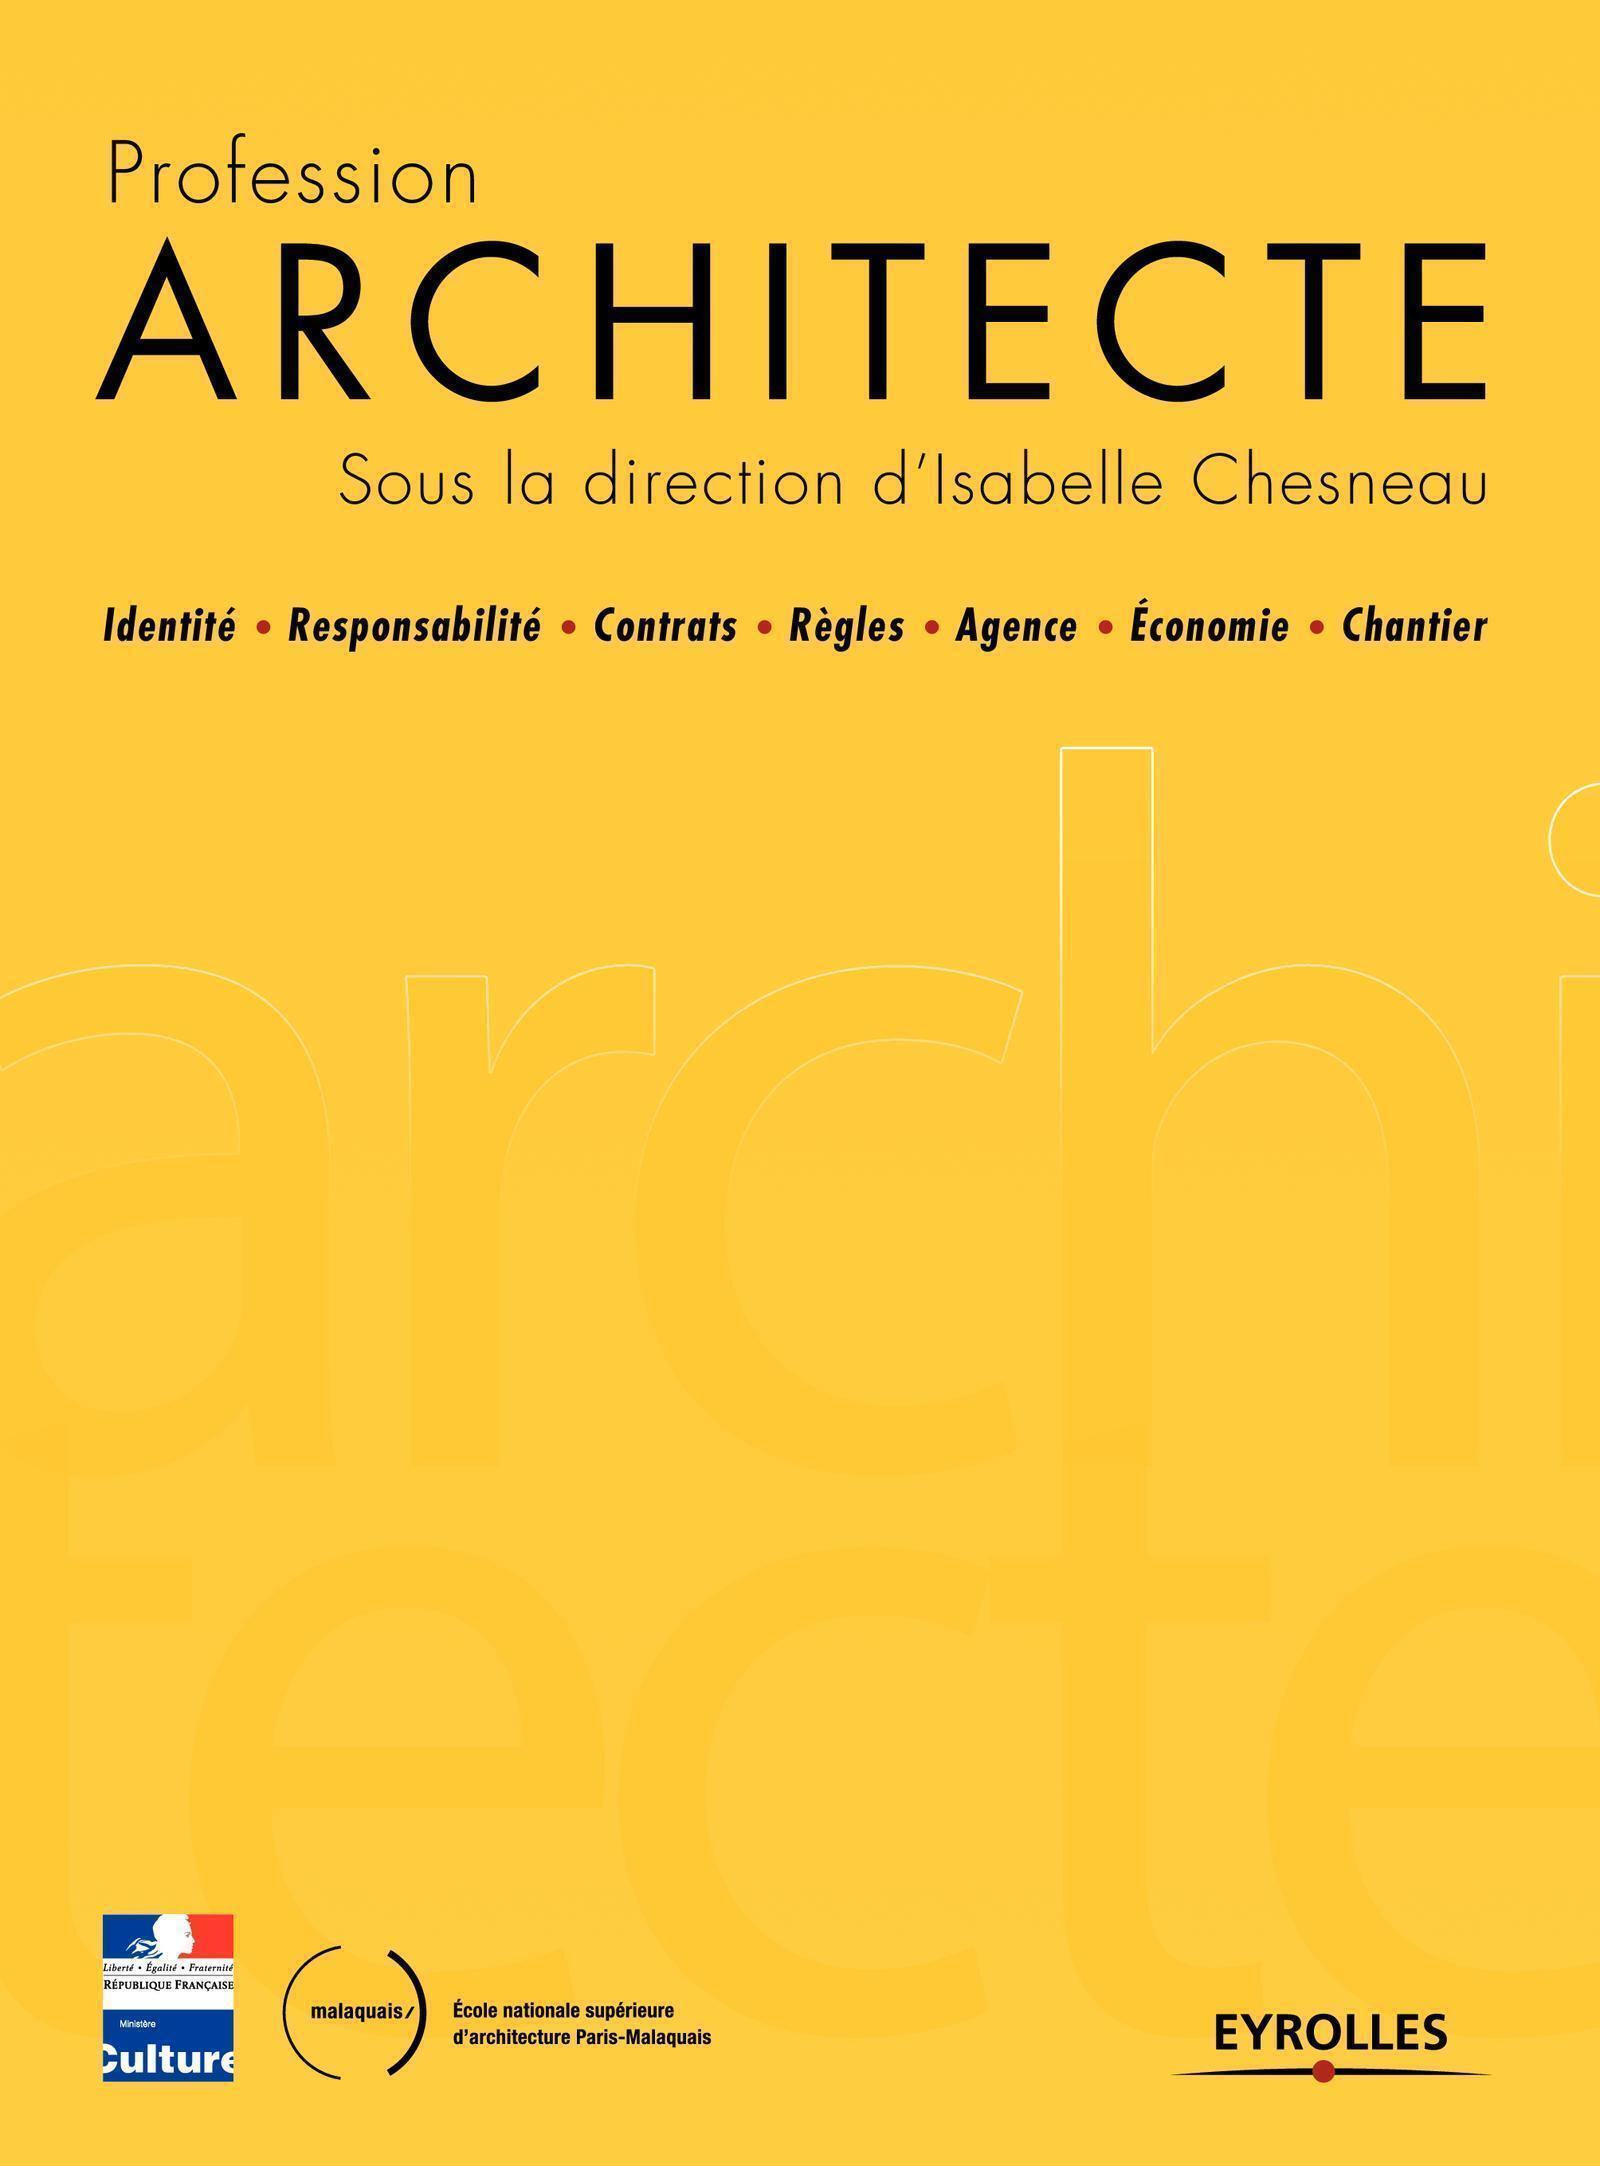 PROFESSION ARCHITECTE - IDENTITE - RESPONSABILITE - CONTRATS - REGLES - AGENCE - ECONOMIE - CHANTIER